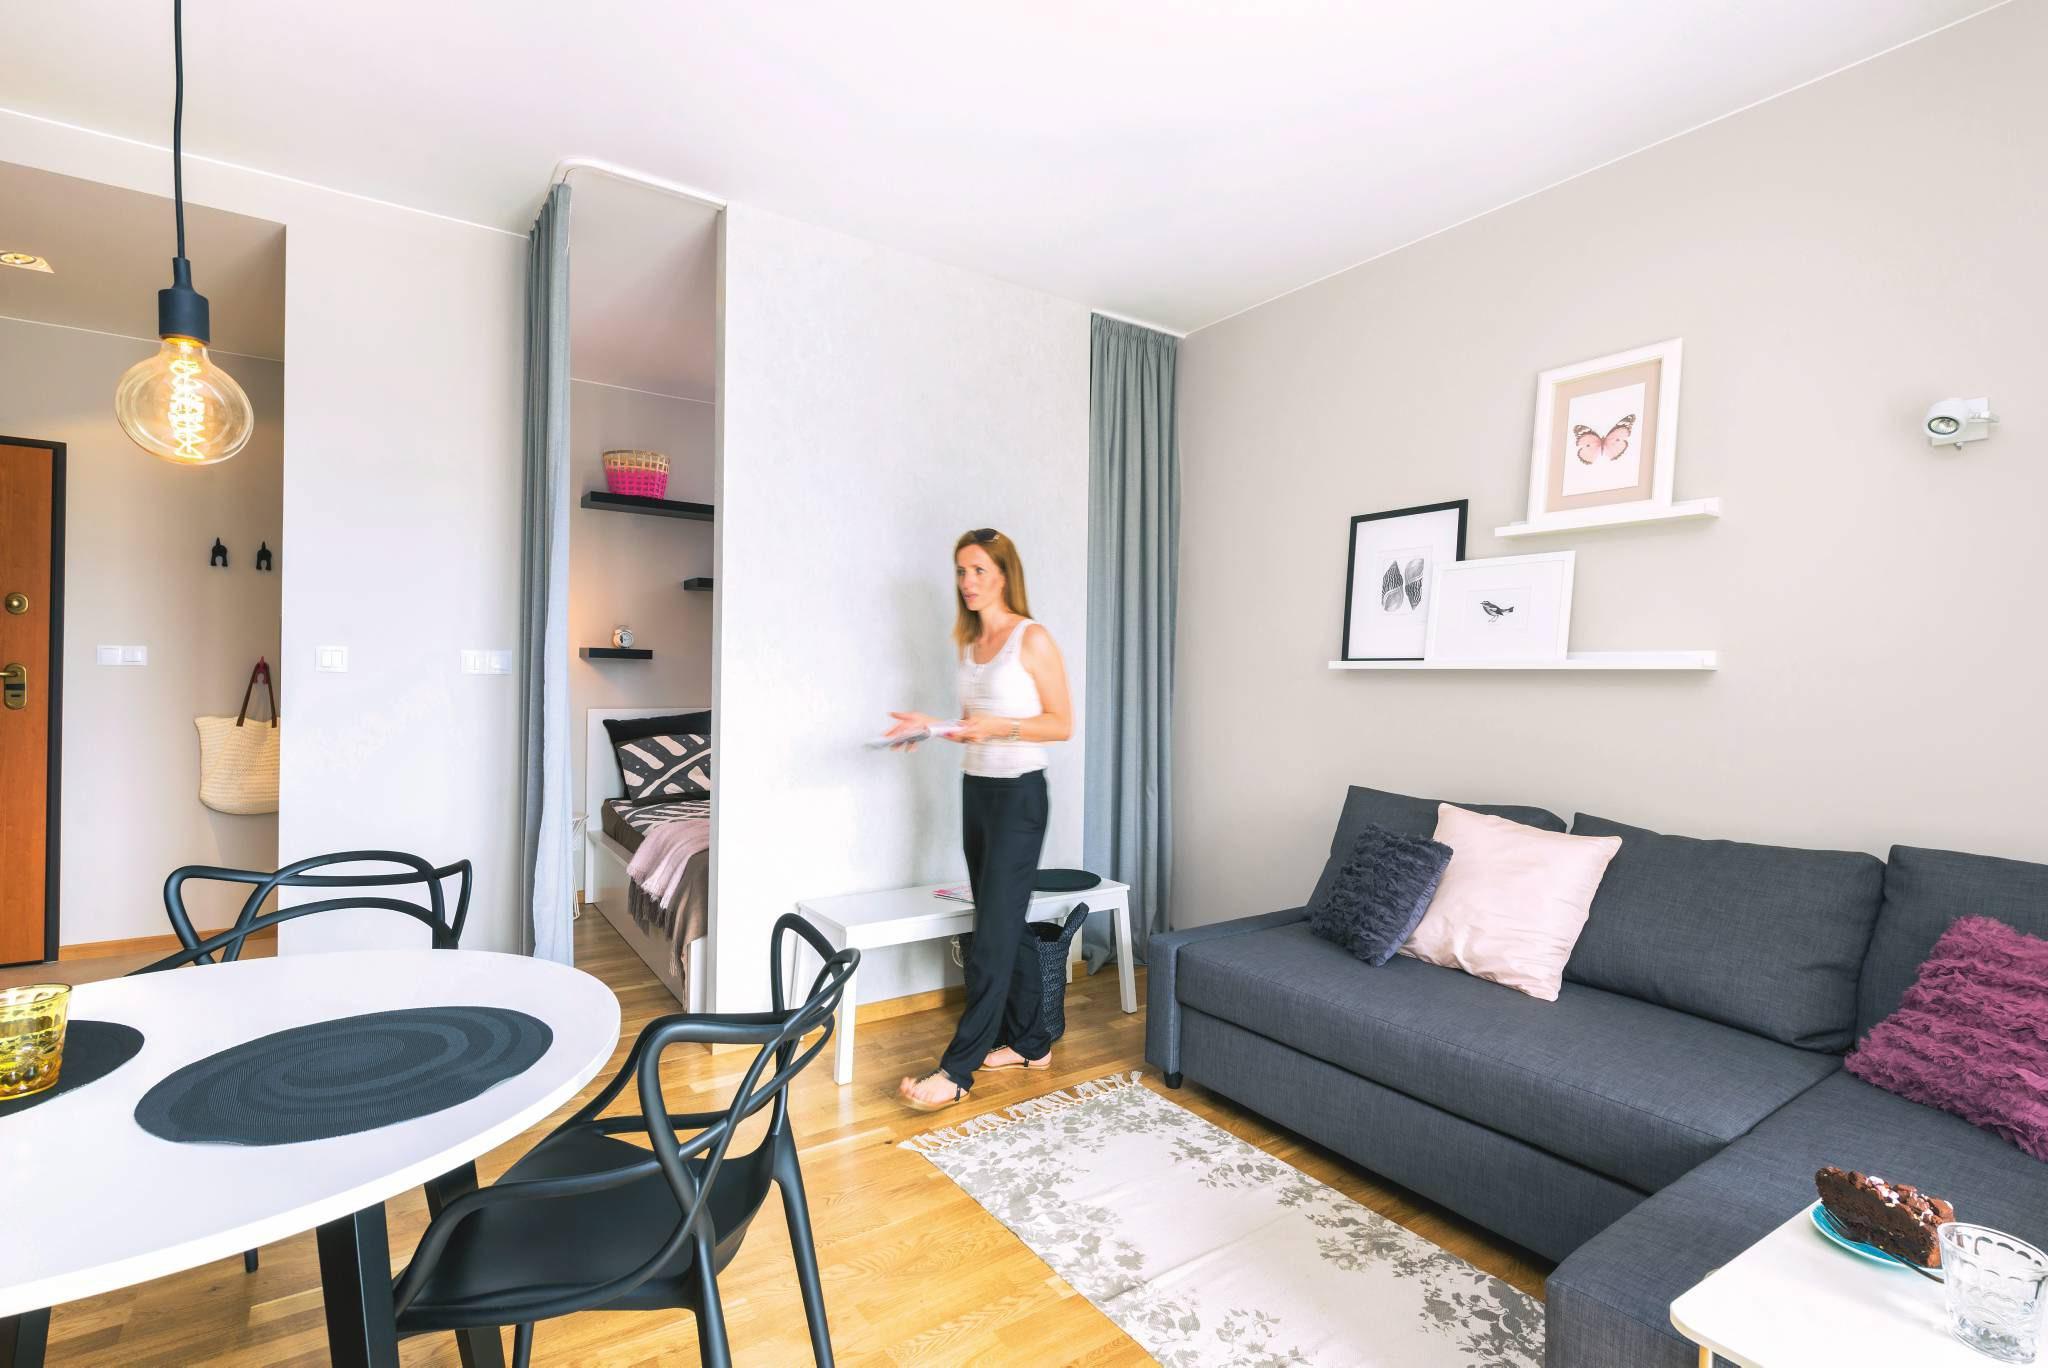 35 Metrowe Mieszkanie Udało Się Wydzielić Osobną Sypialnię